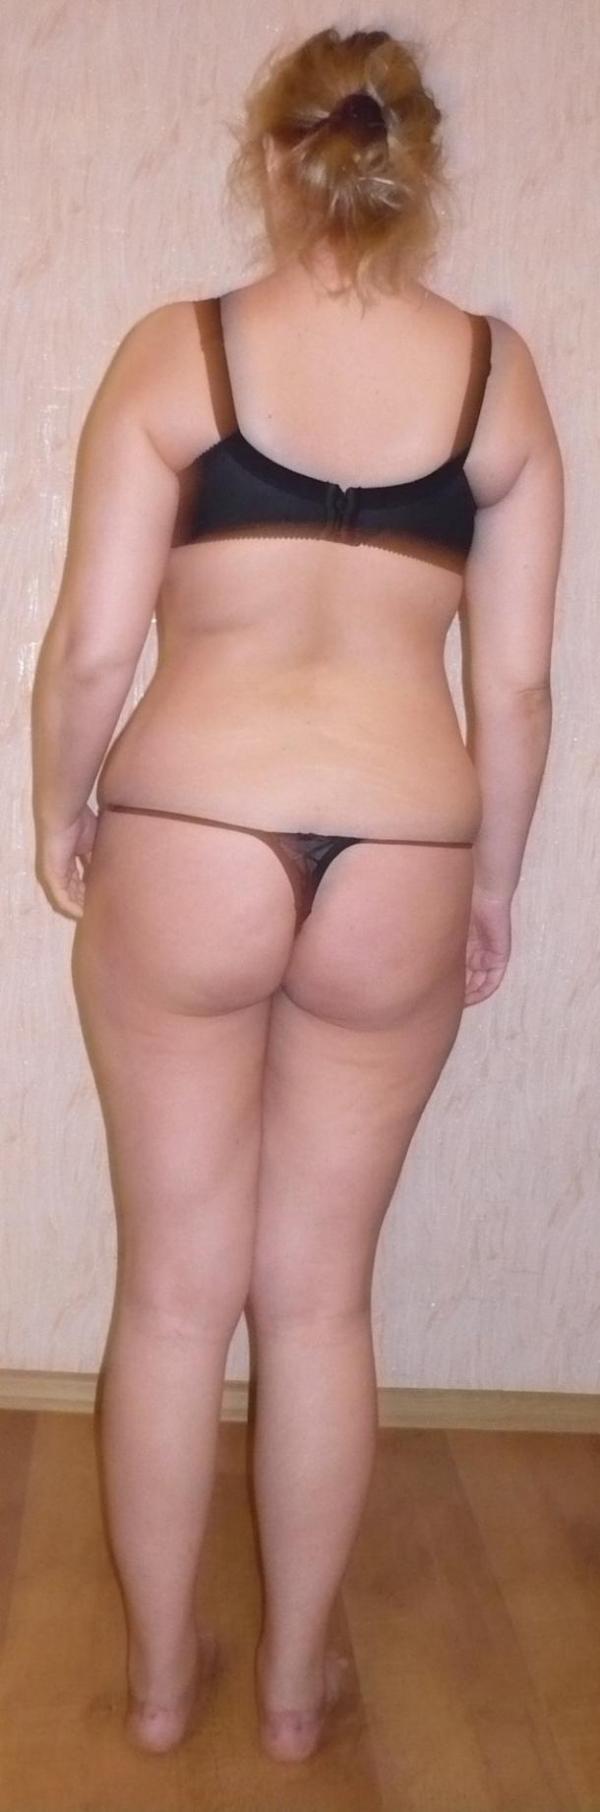 Толстые попы в стрингах 9 фотография